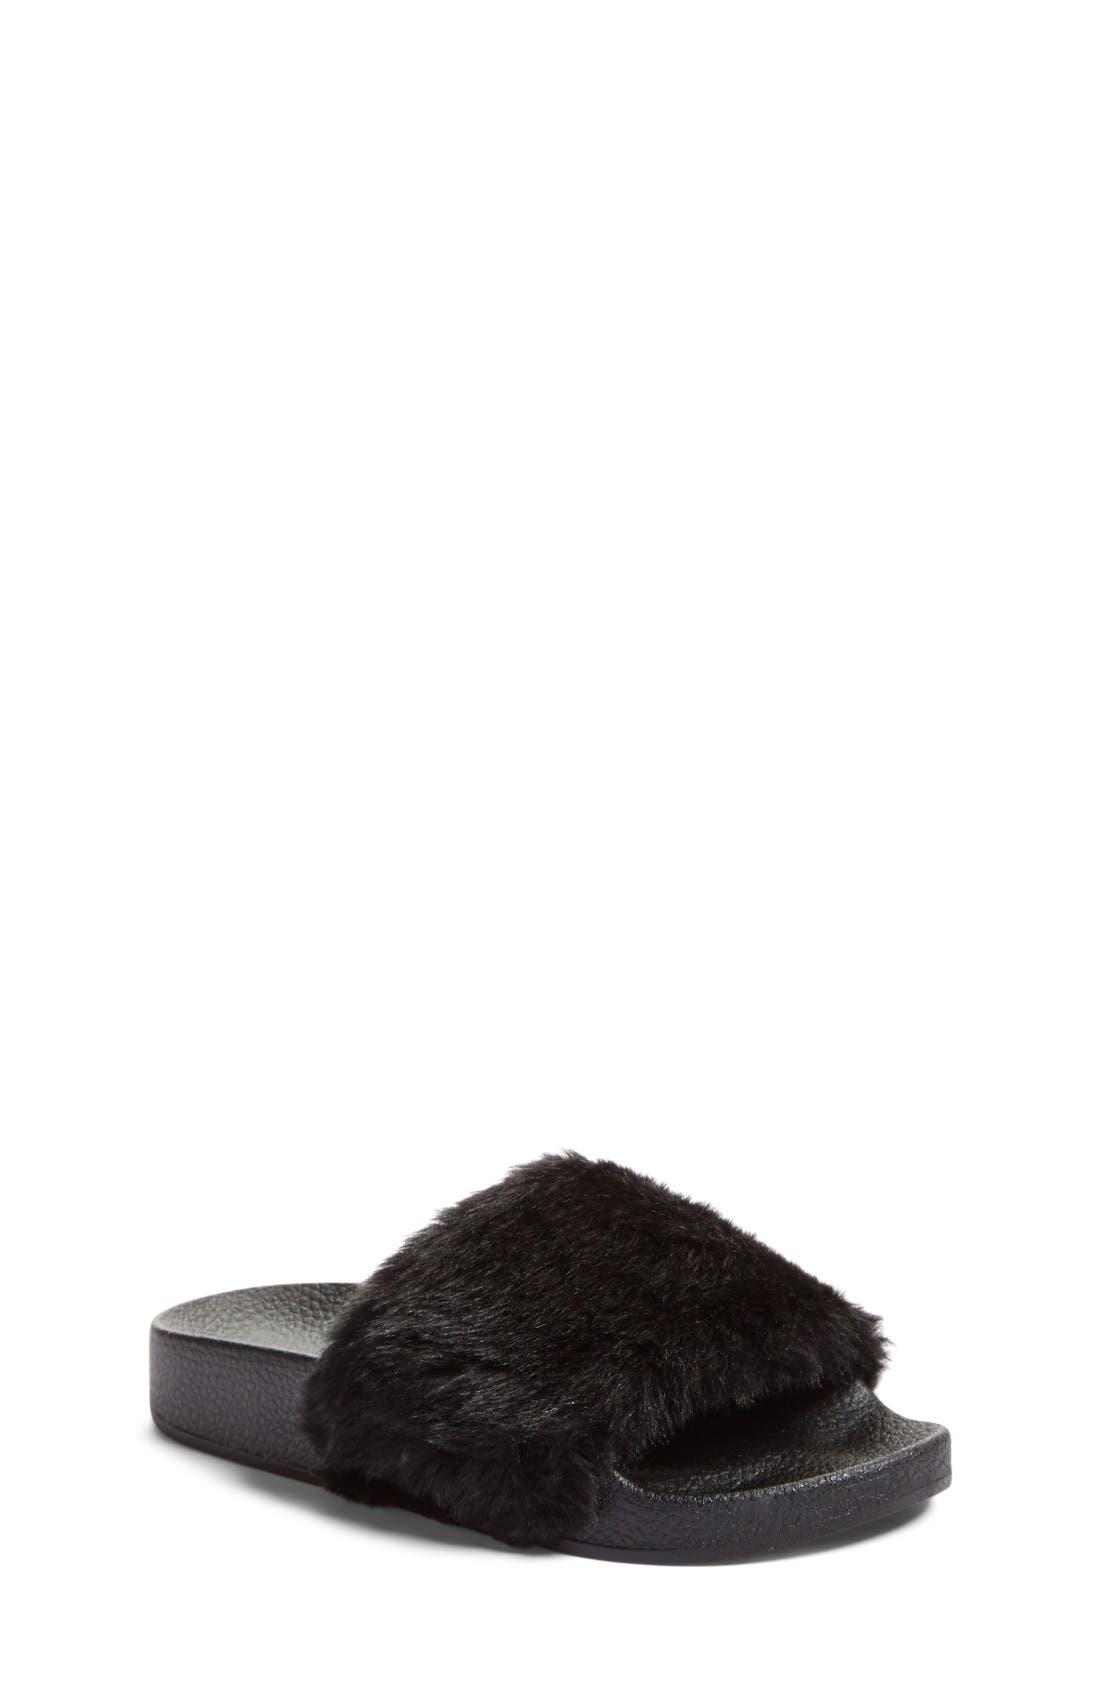 Softey Slide,                             Main thumbnail 1, color,                             Black Faux Fur